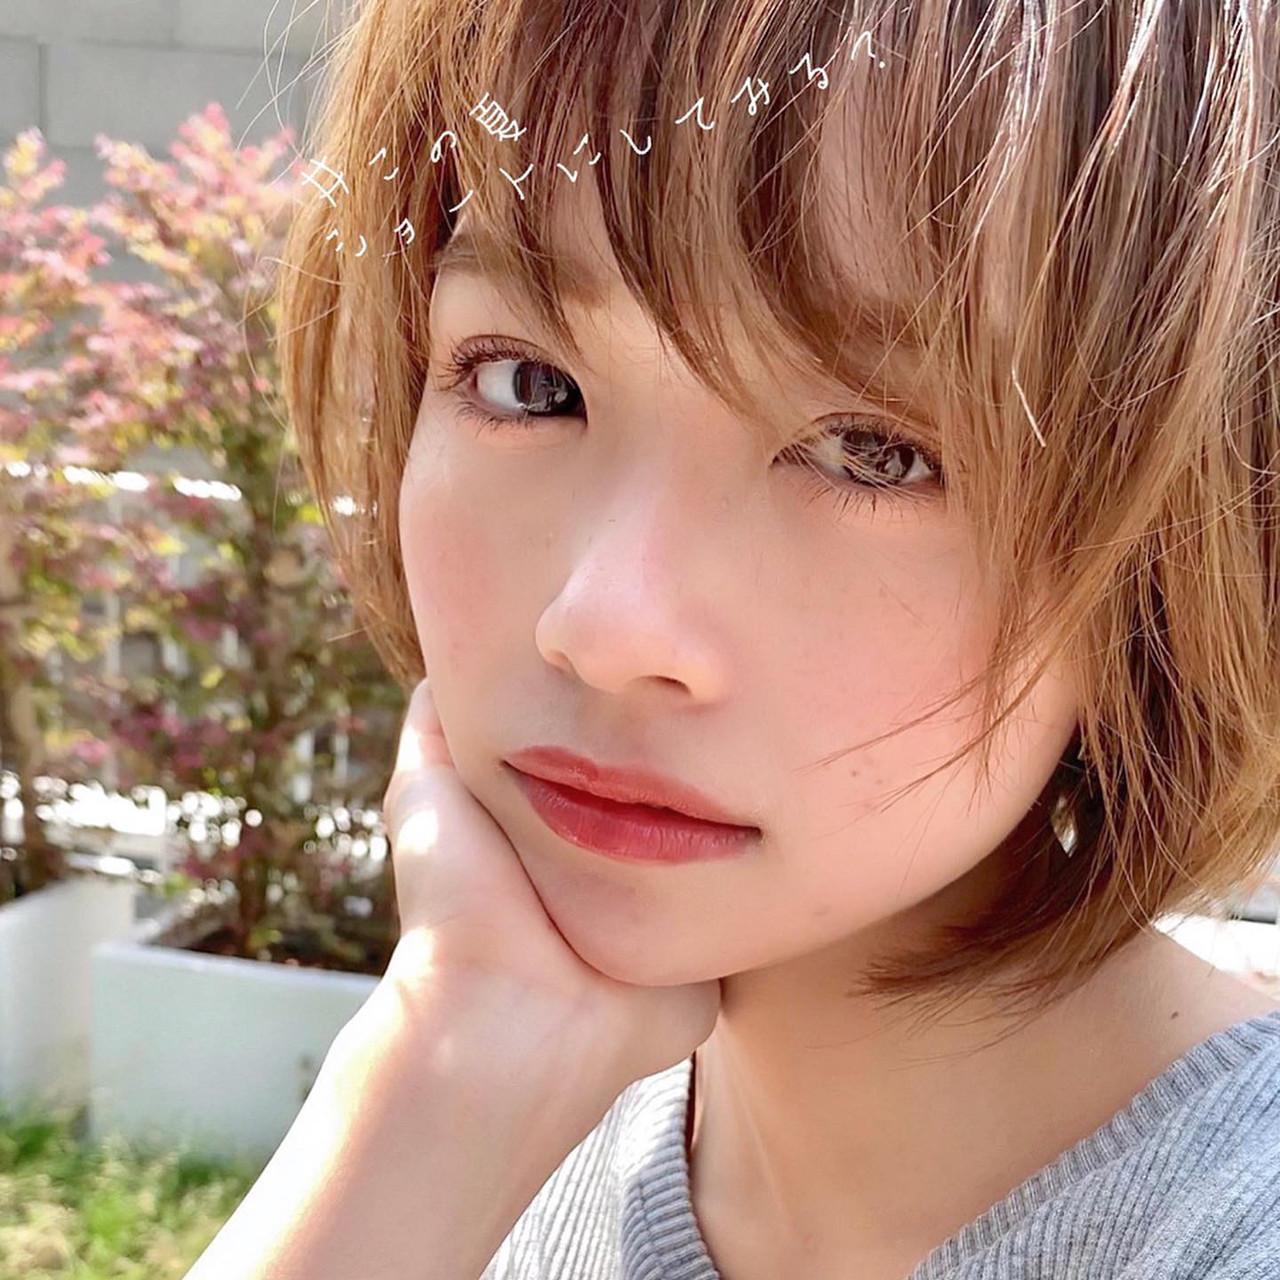 ショート アンニュイほつれヘア アウトドア 大人かわいい ヘアスタイルや髪型の写真・画像 | ショートボブの匠【 山内大成 】『i.hair』 / 『 i. 』 omotesando